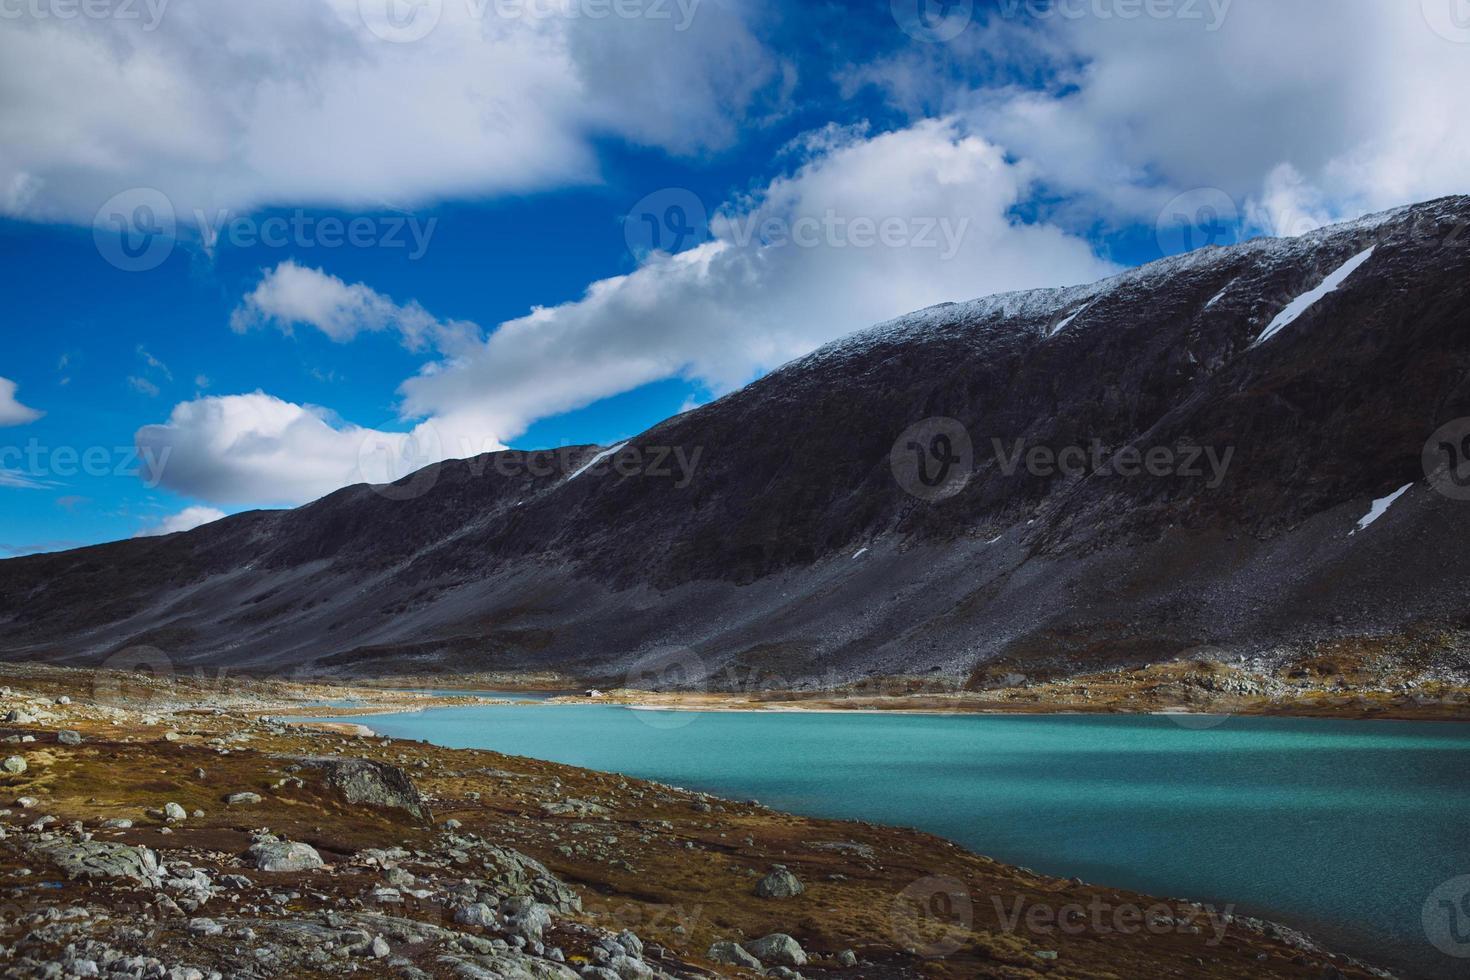 lago com céu azul - antiga estrada de montanha strynefjell, noruega foto